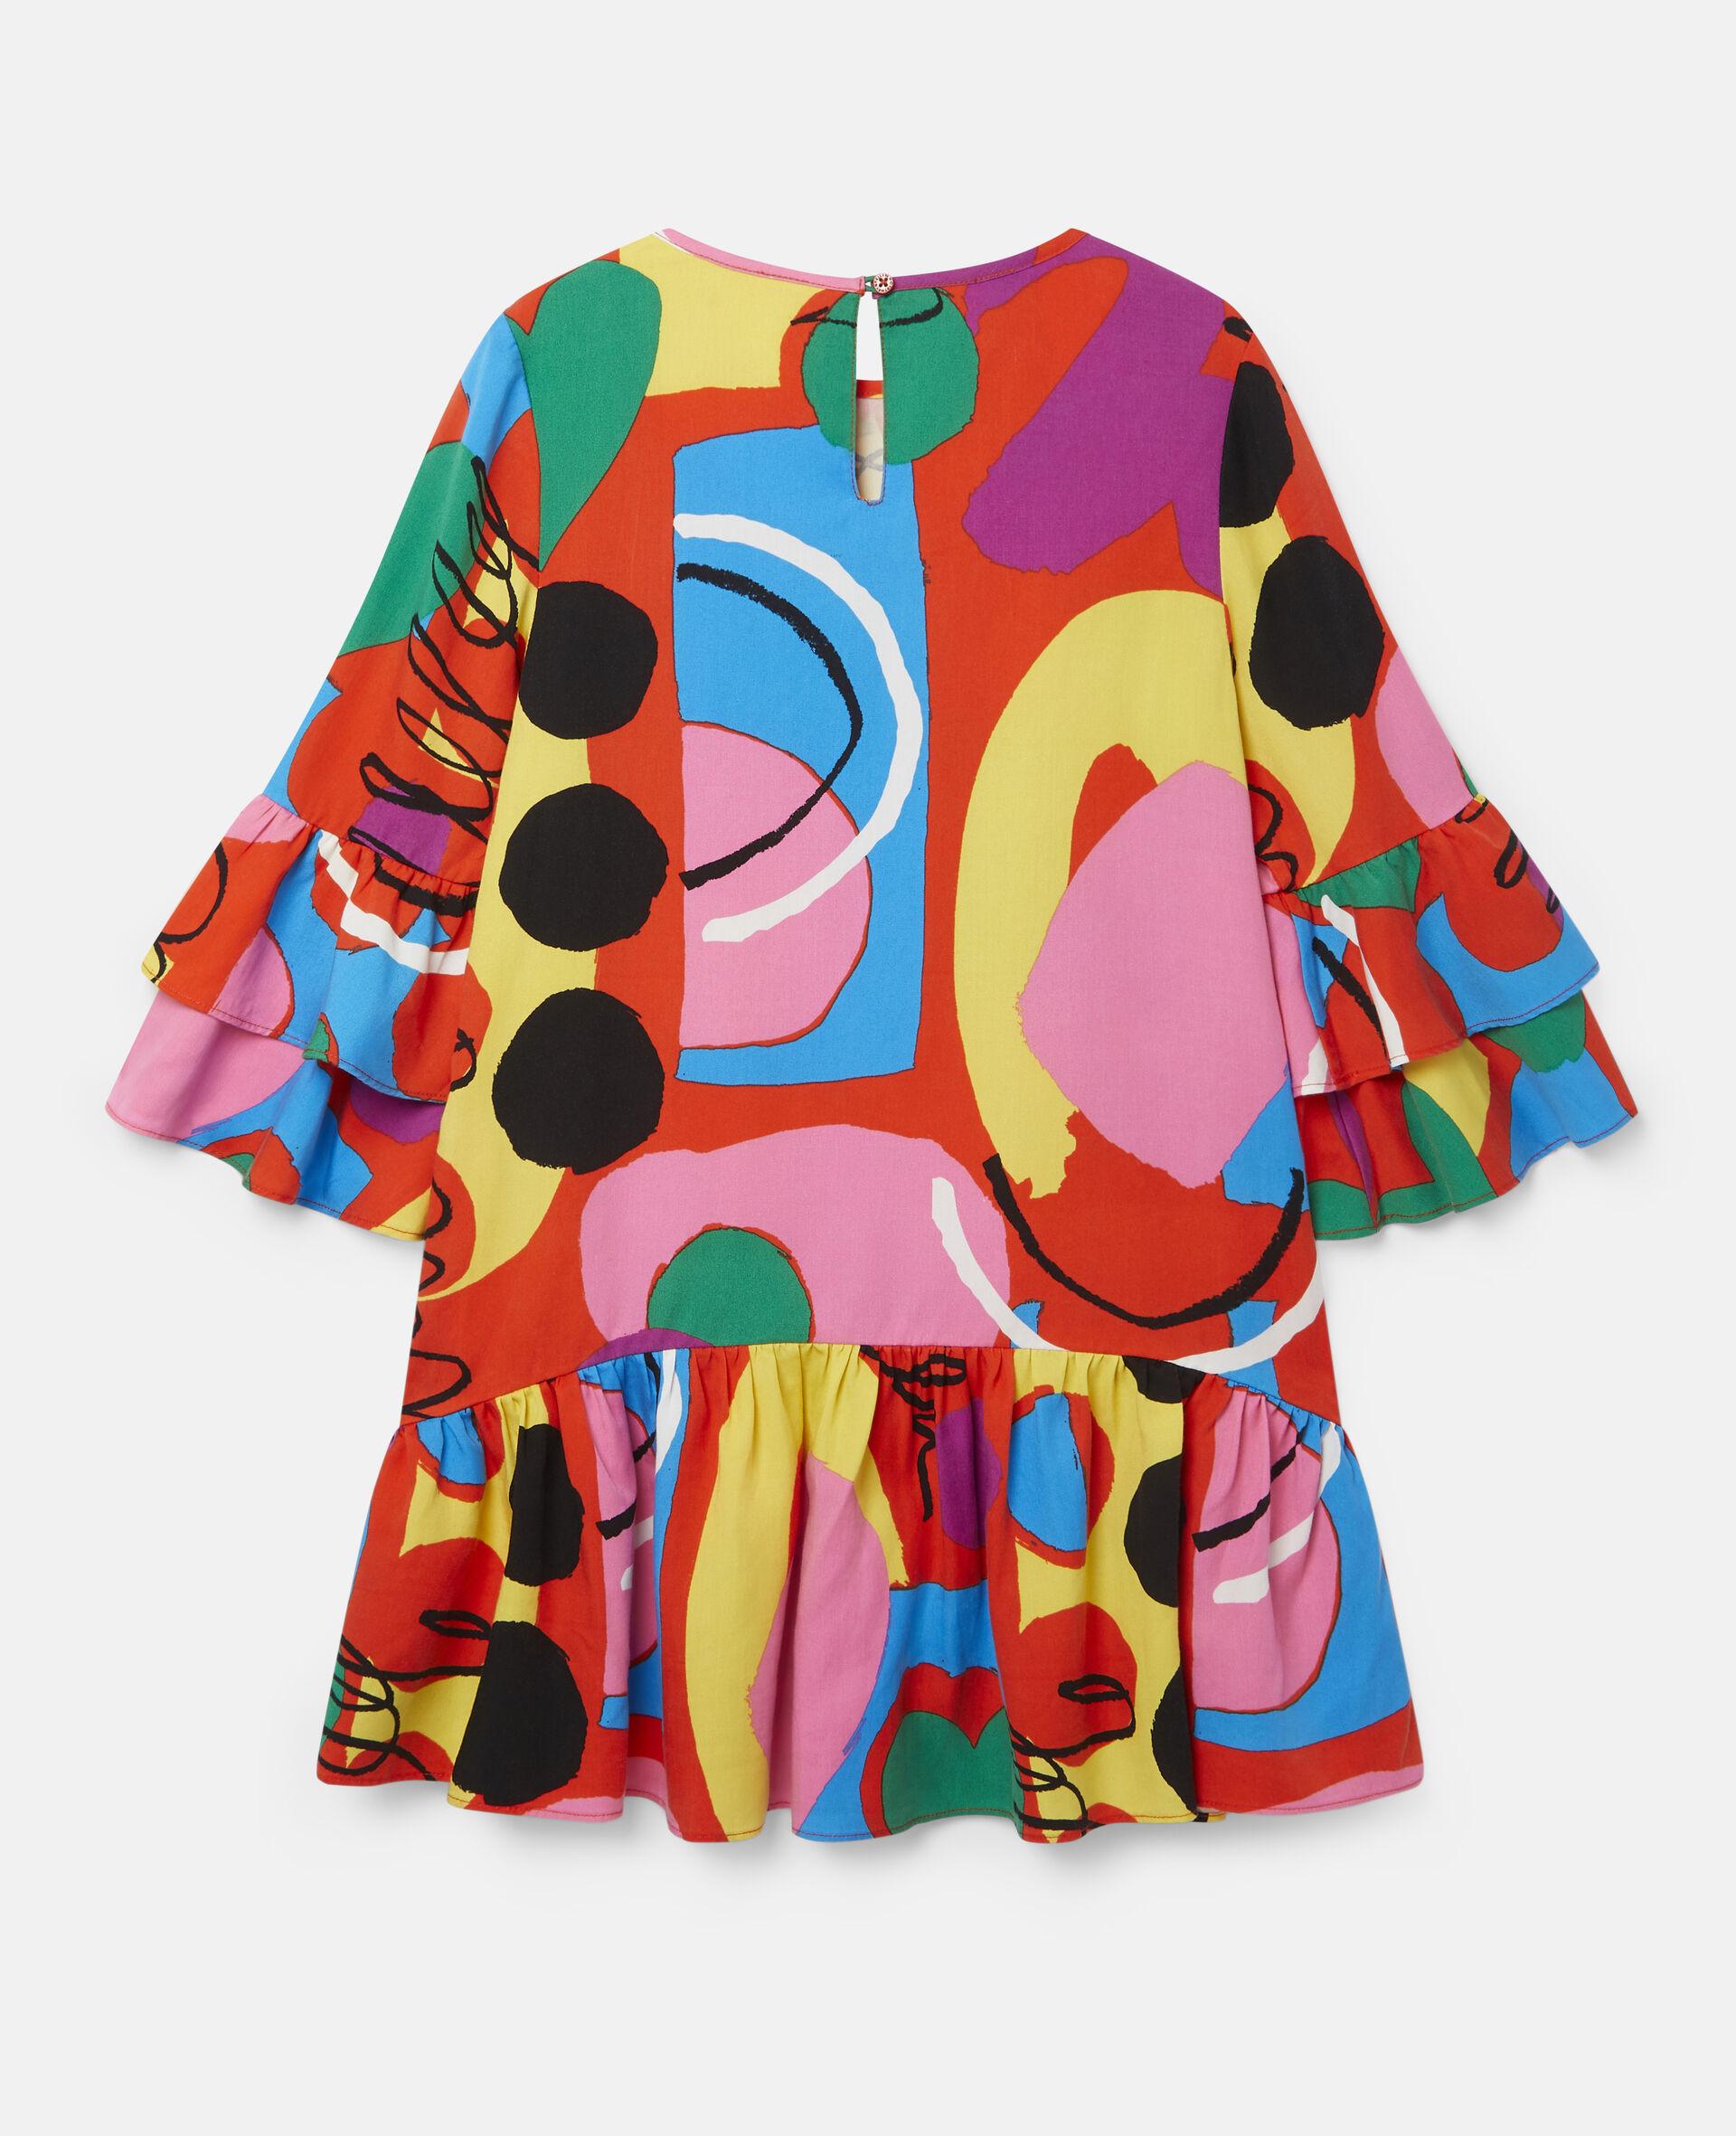 彩绘天丝斜纹布连衣裙-Multicolored-large image number 3